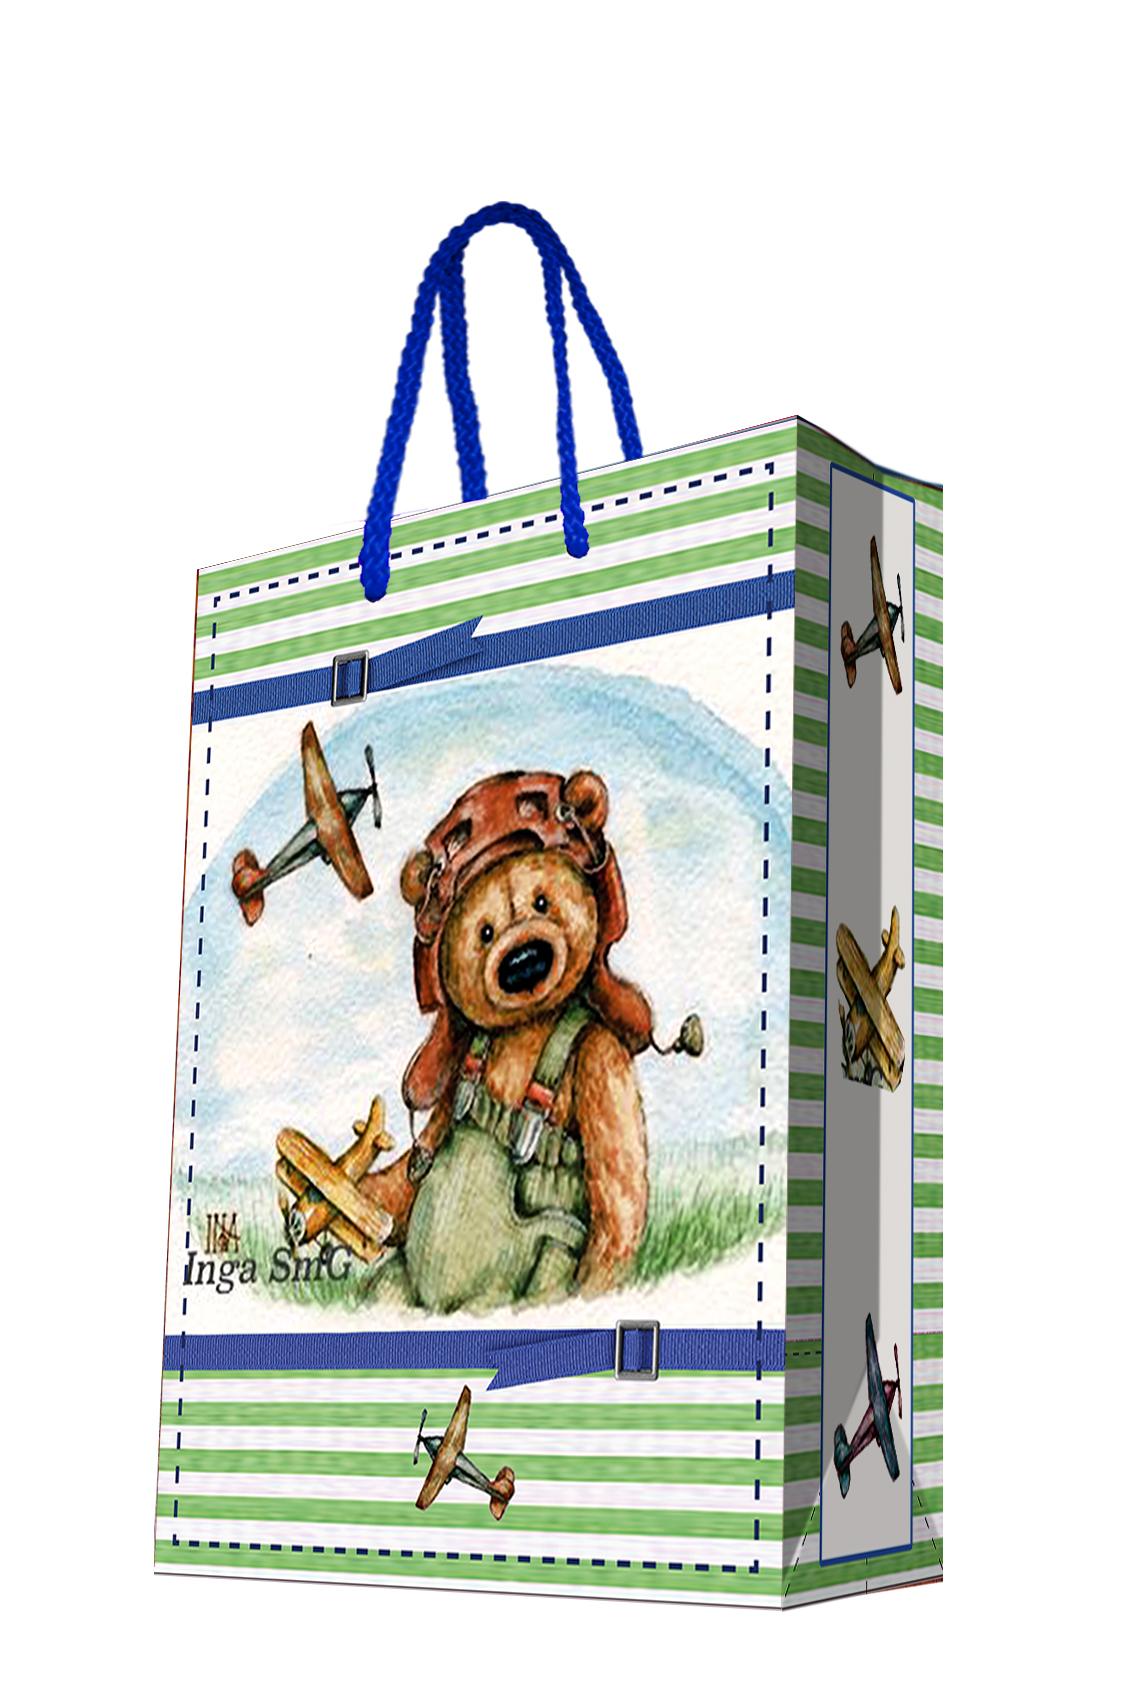 Пакет подарочный Magic Home Мишка-летчик, 17,8 х 22,9 х 9,8 см44176Бумажный подарочный пакет для сувенирной продукции размером 17,8*22,9*9,8 см изготовлен из плотной бумаги. Плотность бумаги 140г/м2. Дно укреплено картоном, который позволяет сохранить форму пакета и исключает возможность деформации дна под тяжестью подарка. Пакет выполнен с глянцевой ламинацией, что придает ему прочность, а изображению - фактуру, яркость и насыщенность цветов. Для удобной переноски имеются две ручки из шнурков.